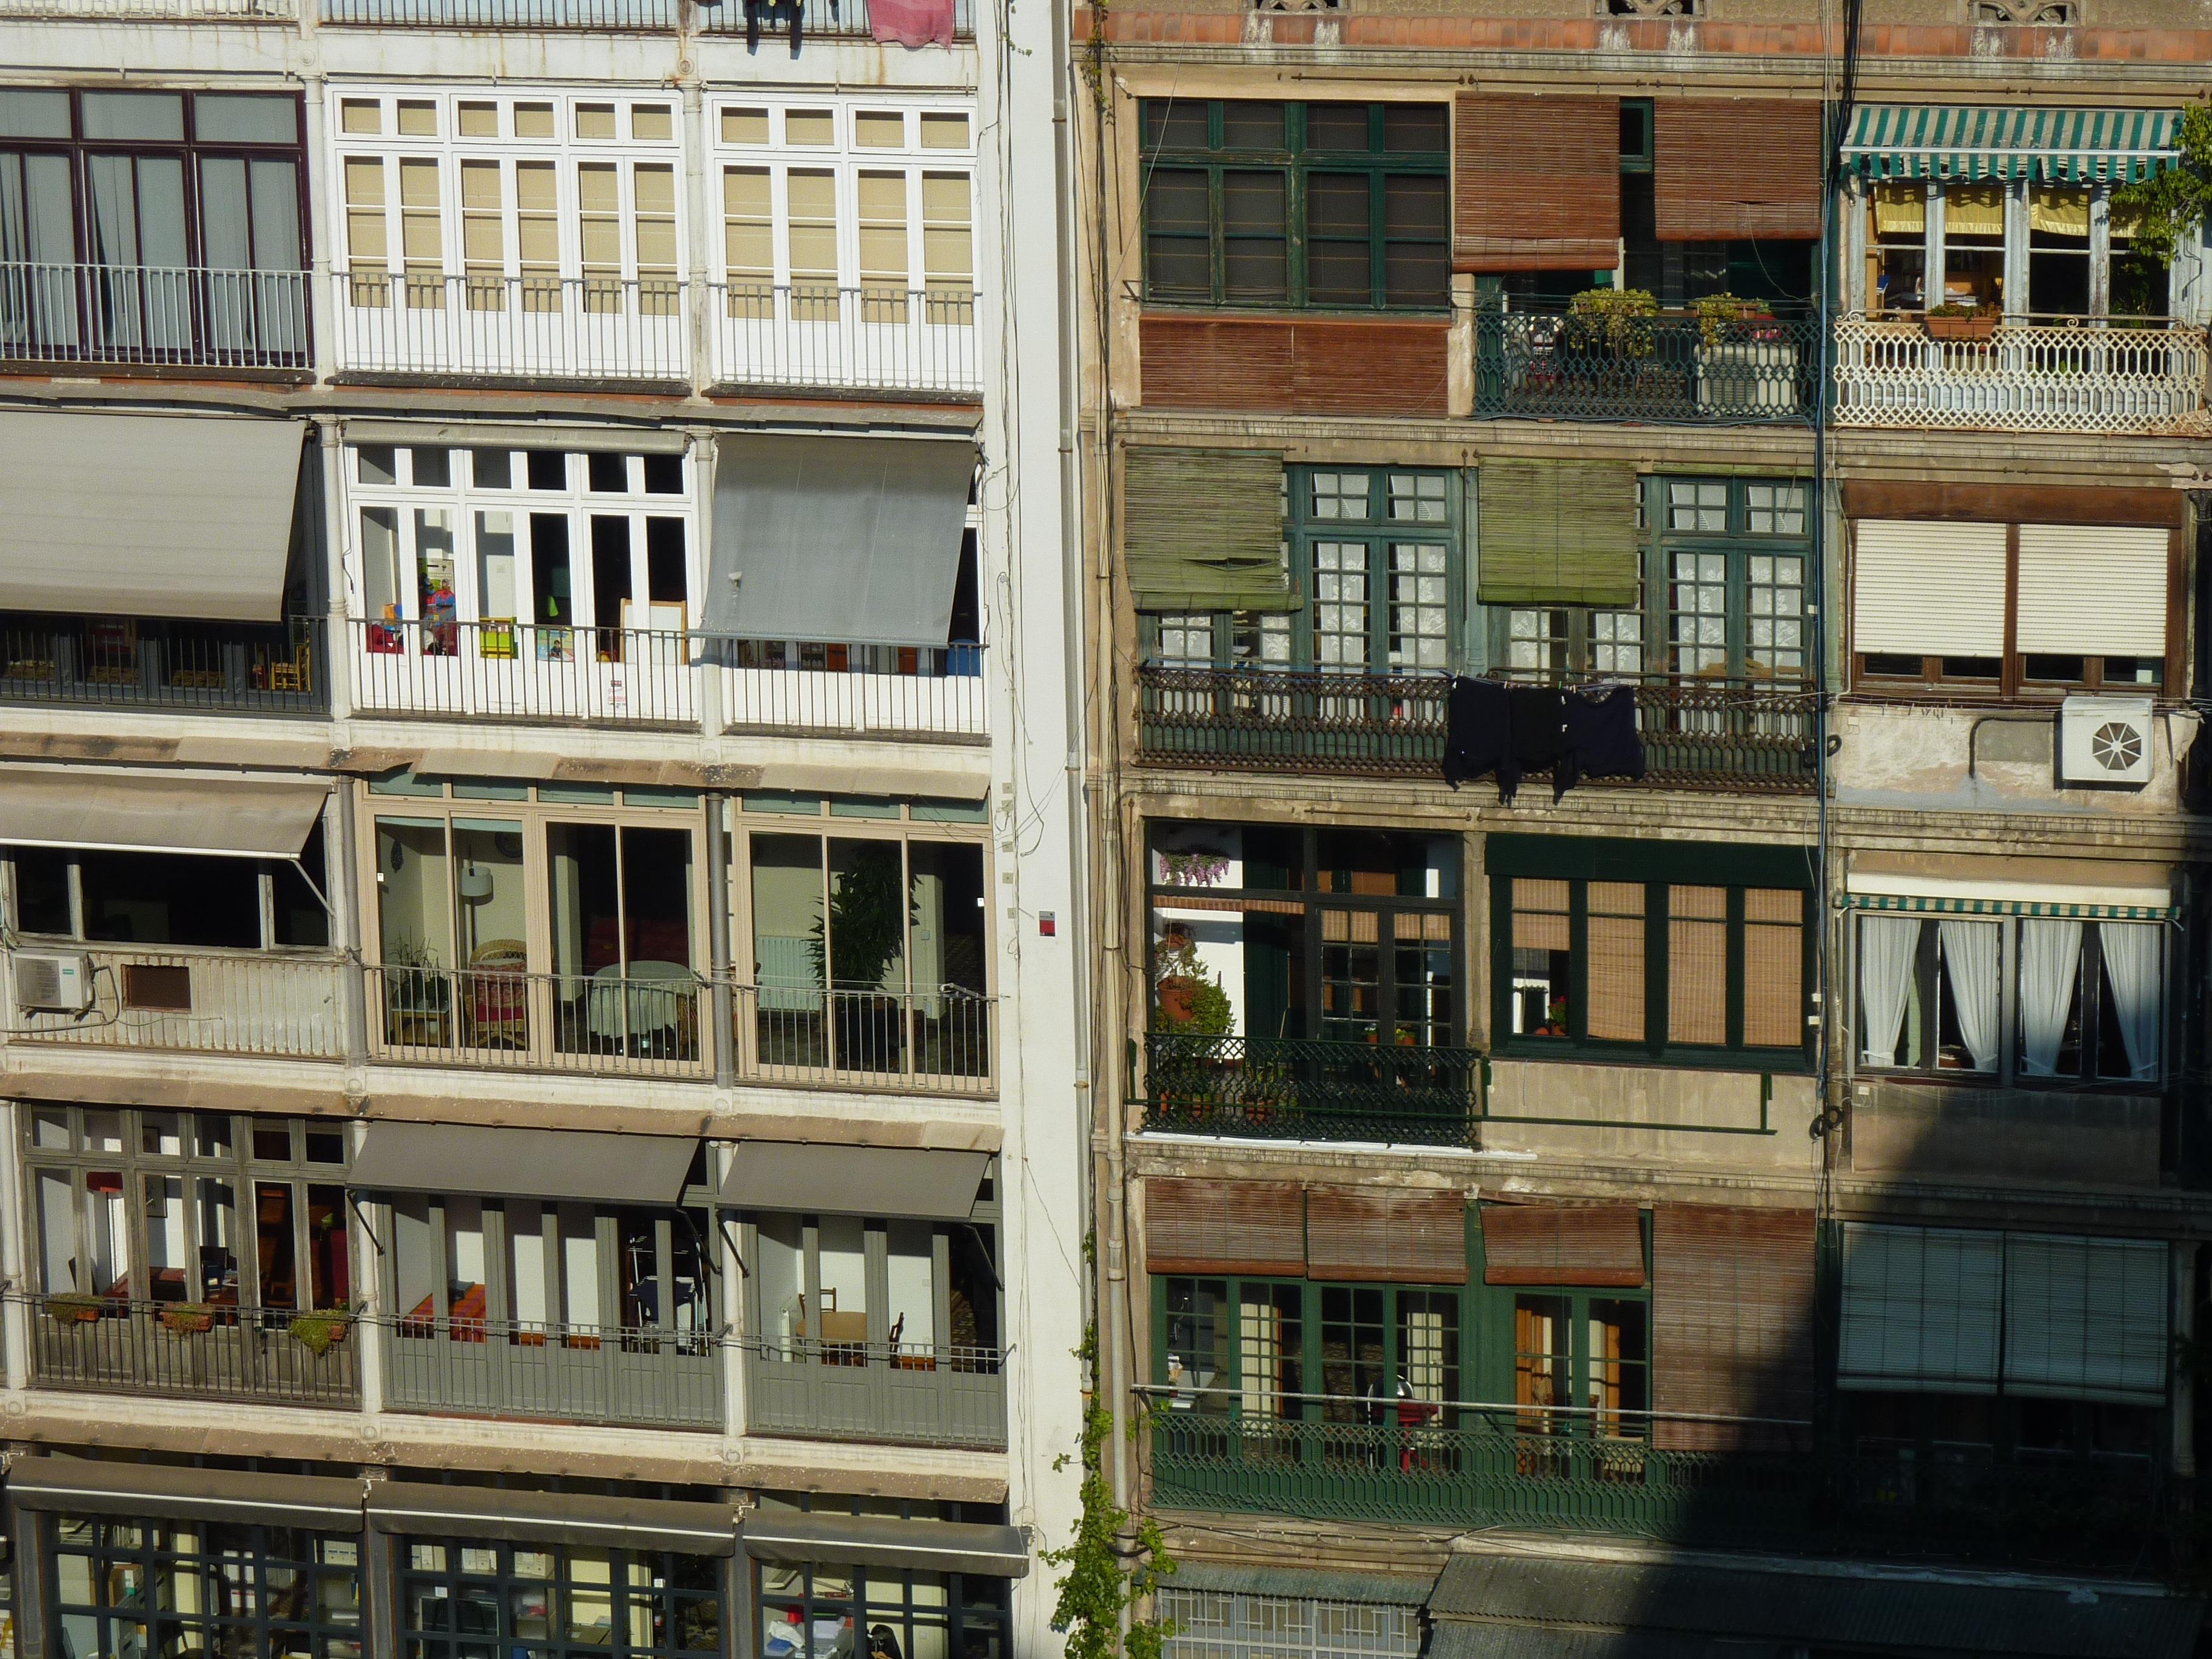 Barcelona Wohnen kostenlose foto die architektur haus fenster gebäude stadt